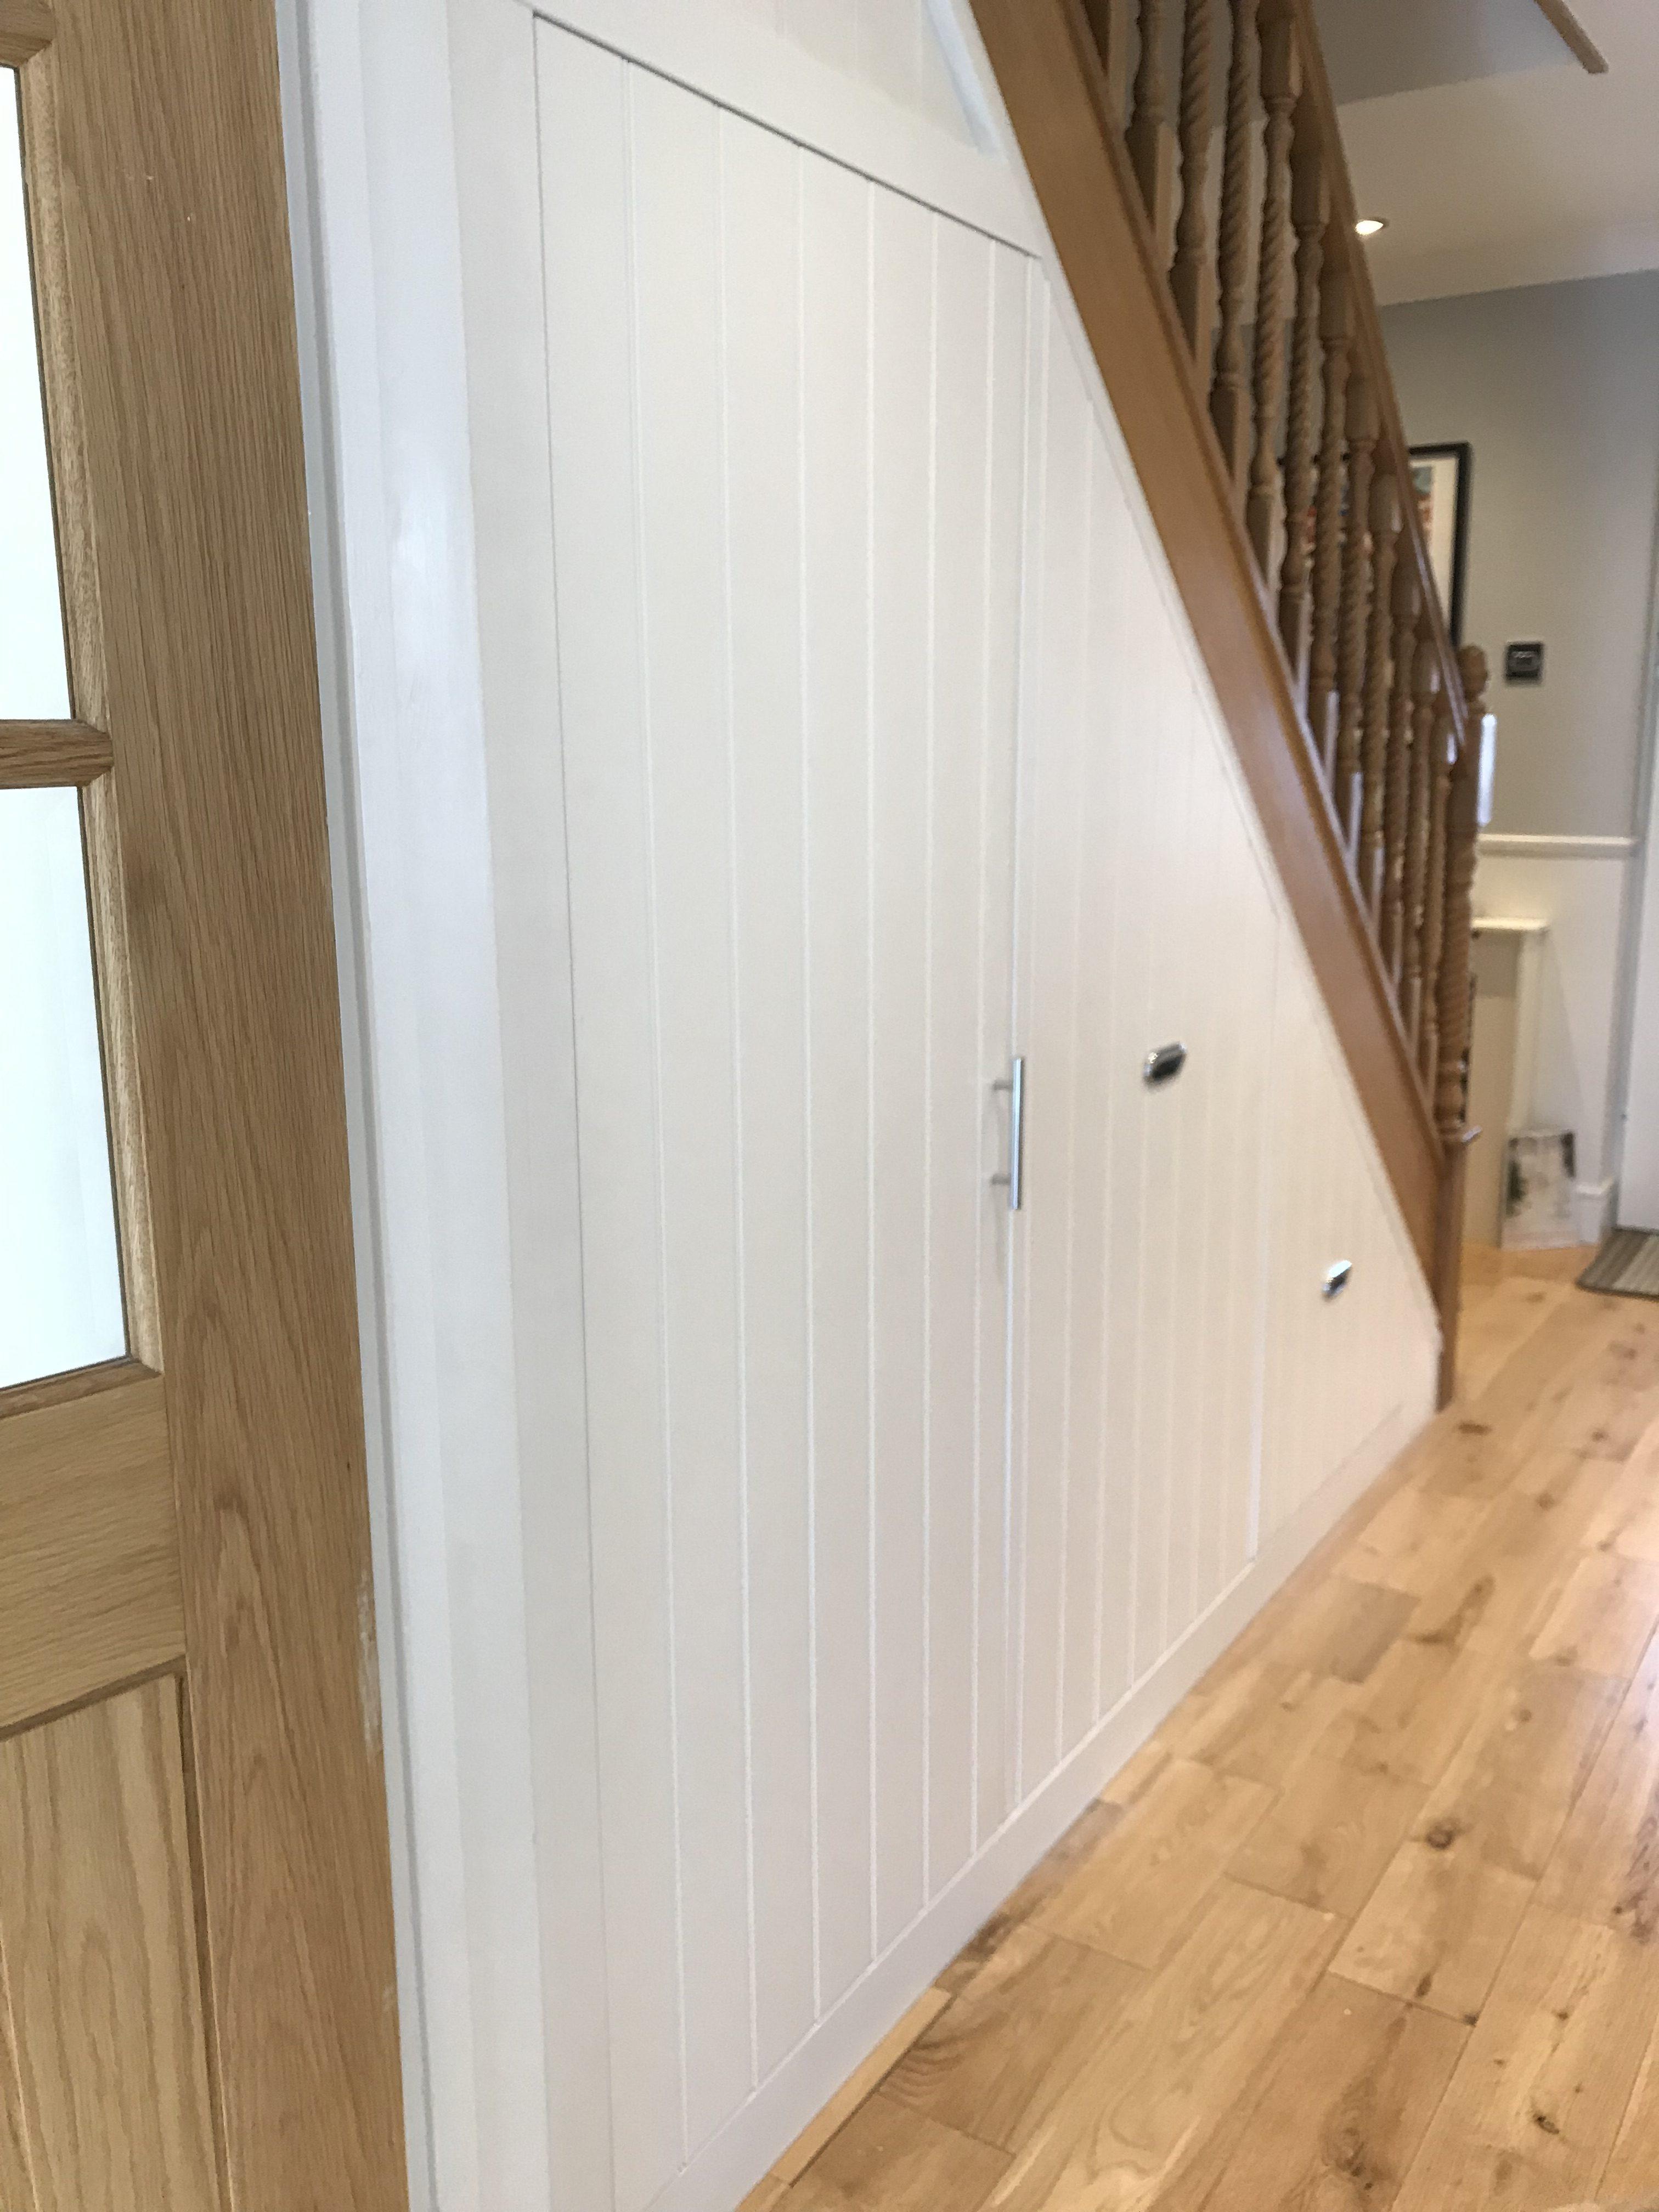 T&G panel door